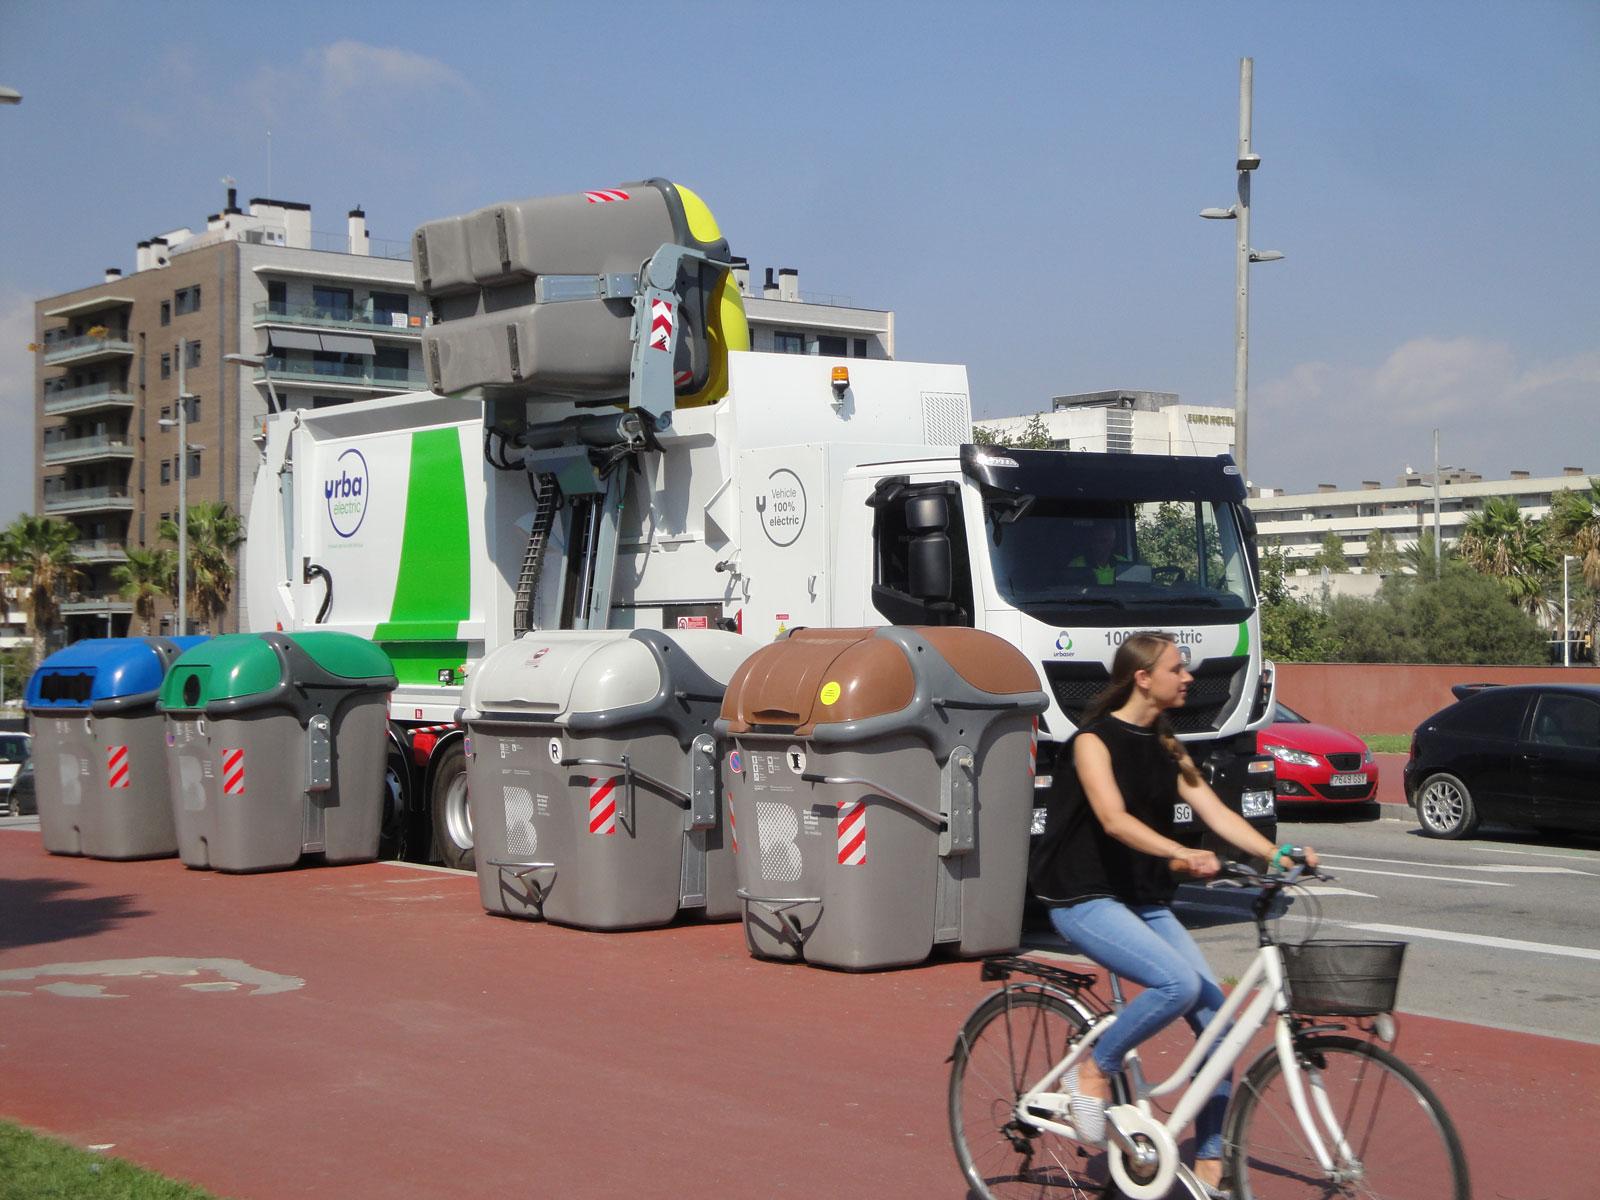 Recogida de residuos en barcelona